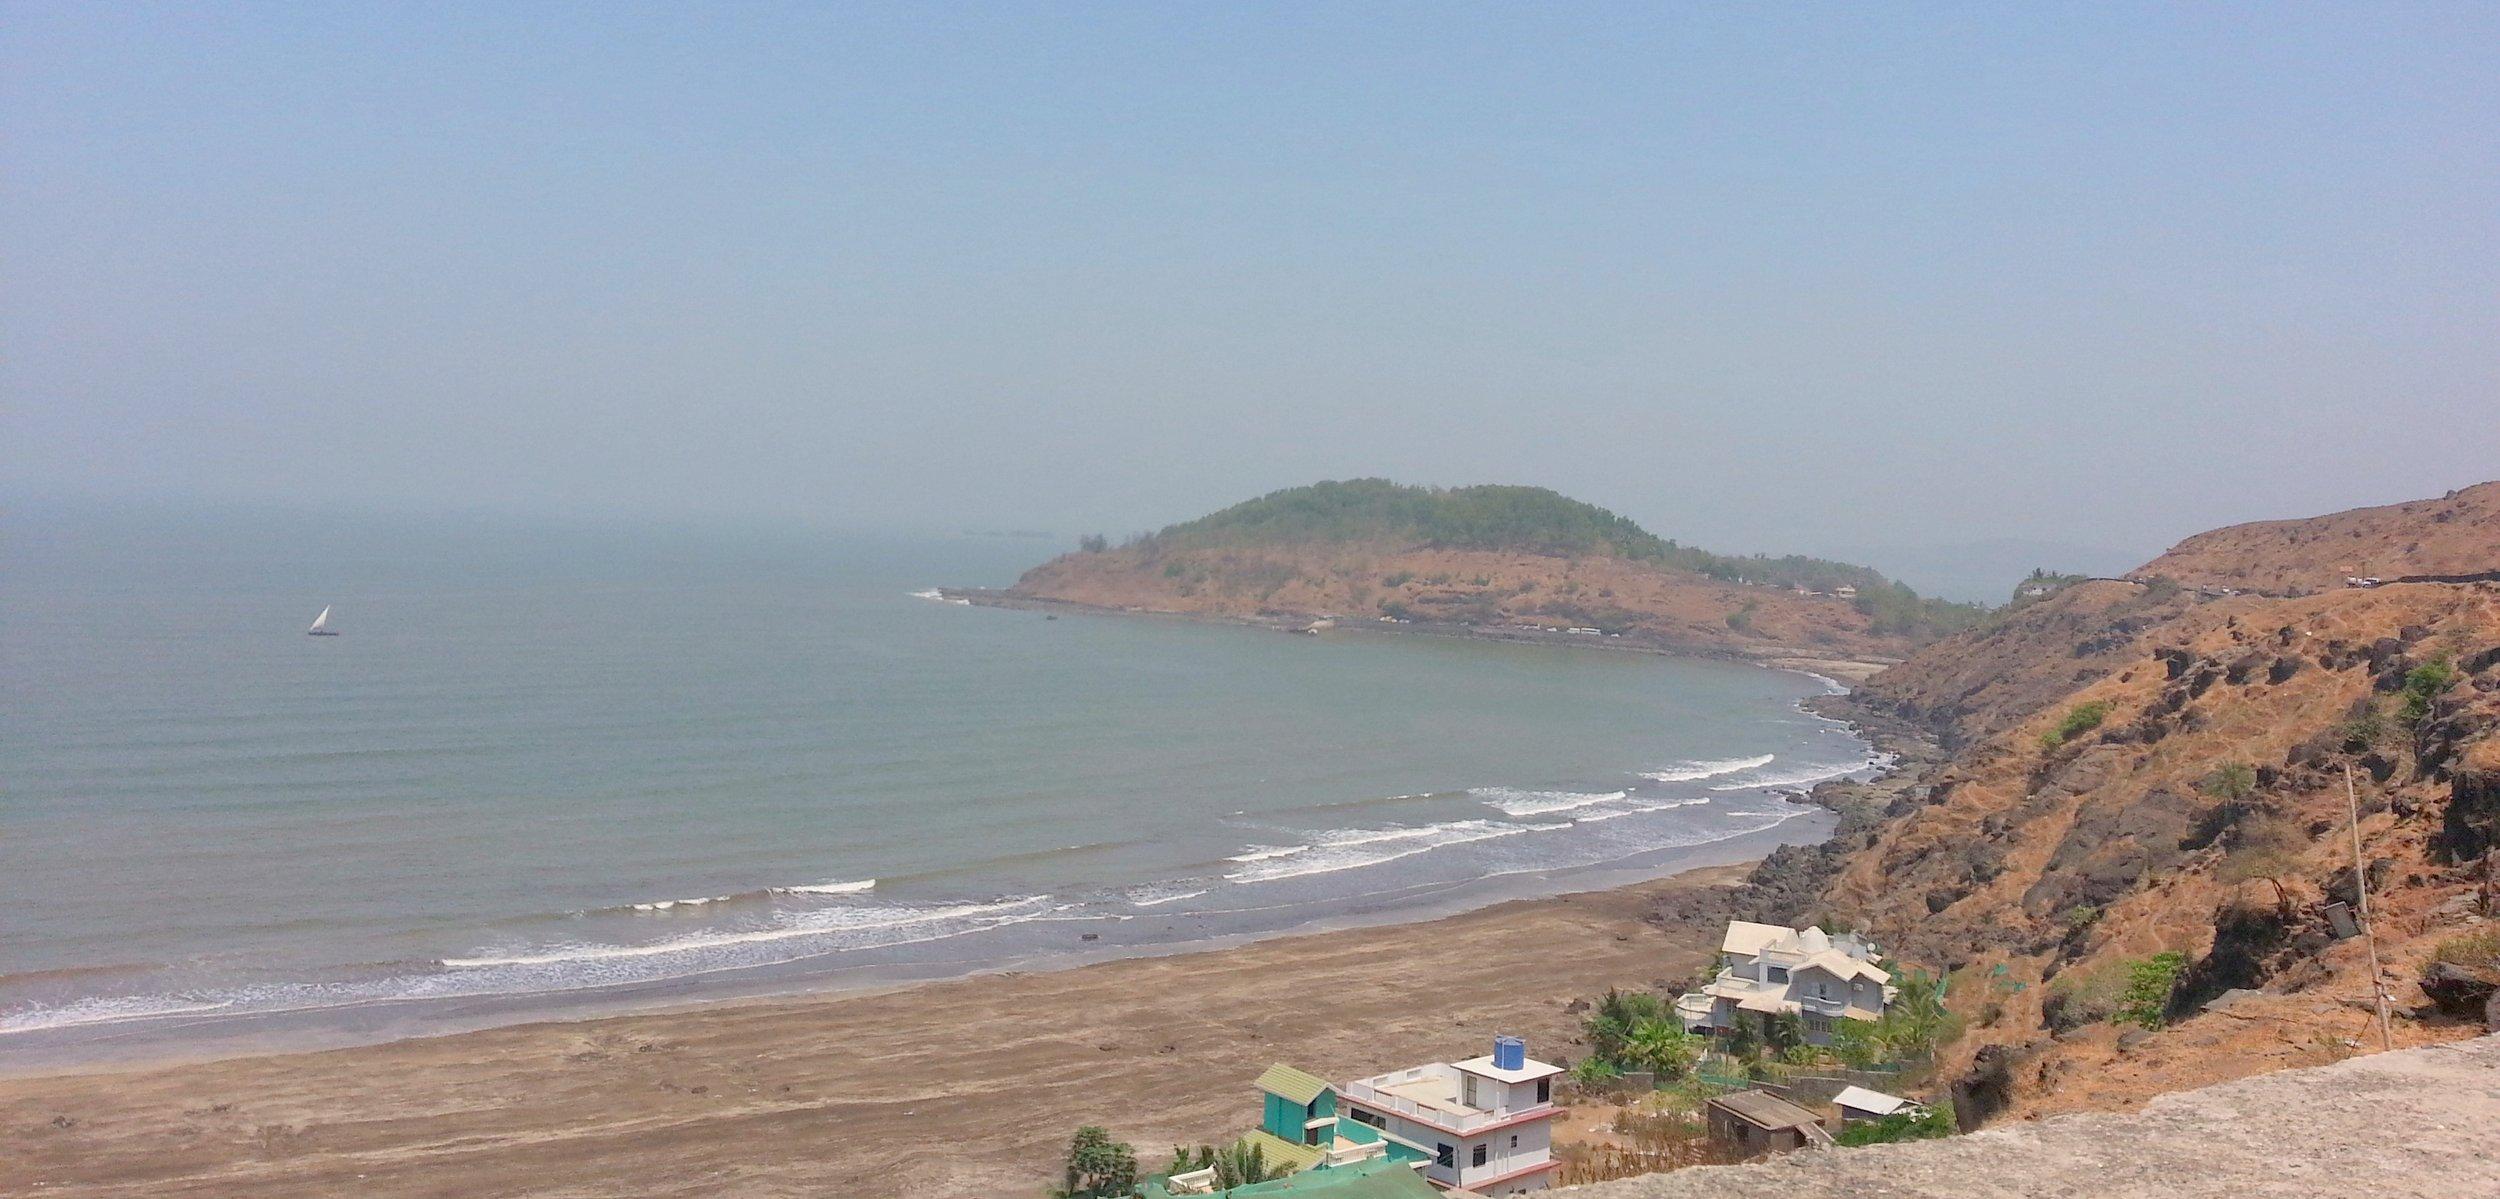 Amazing Murud Beach in the Konkan Coast of Maharashtra